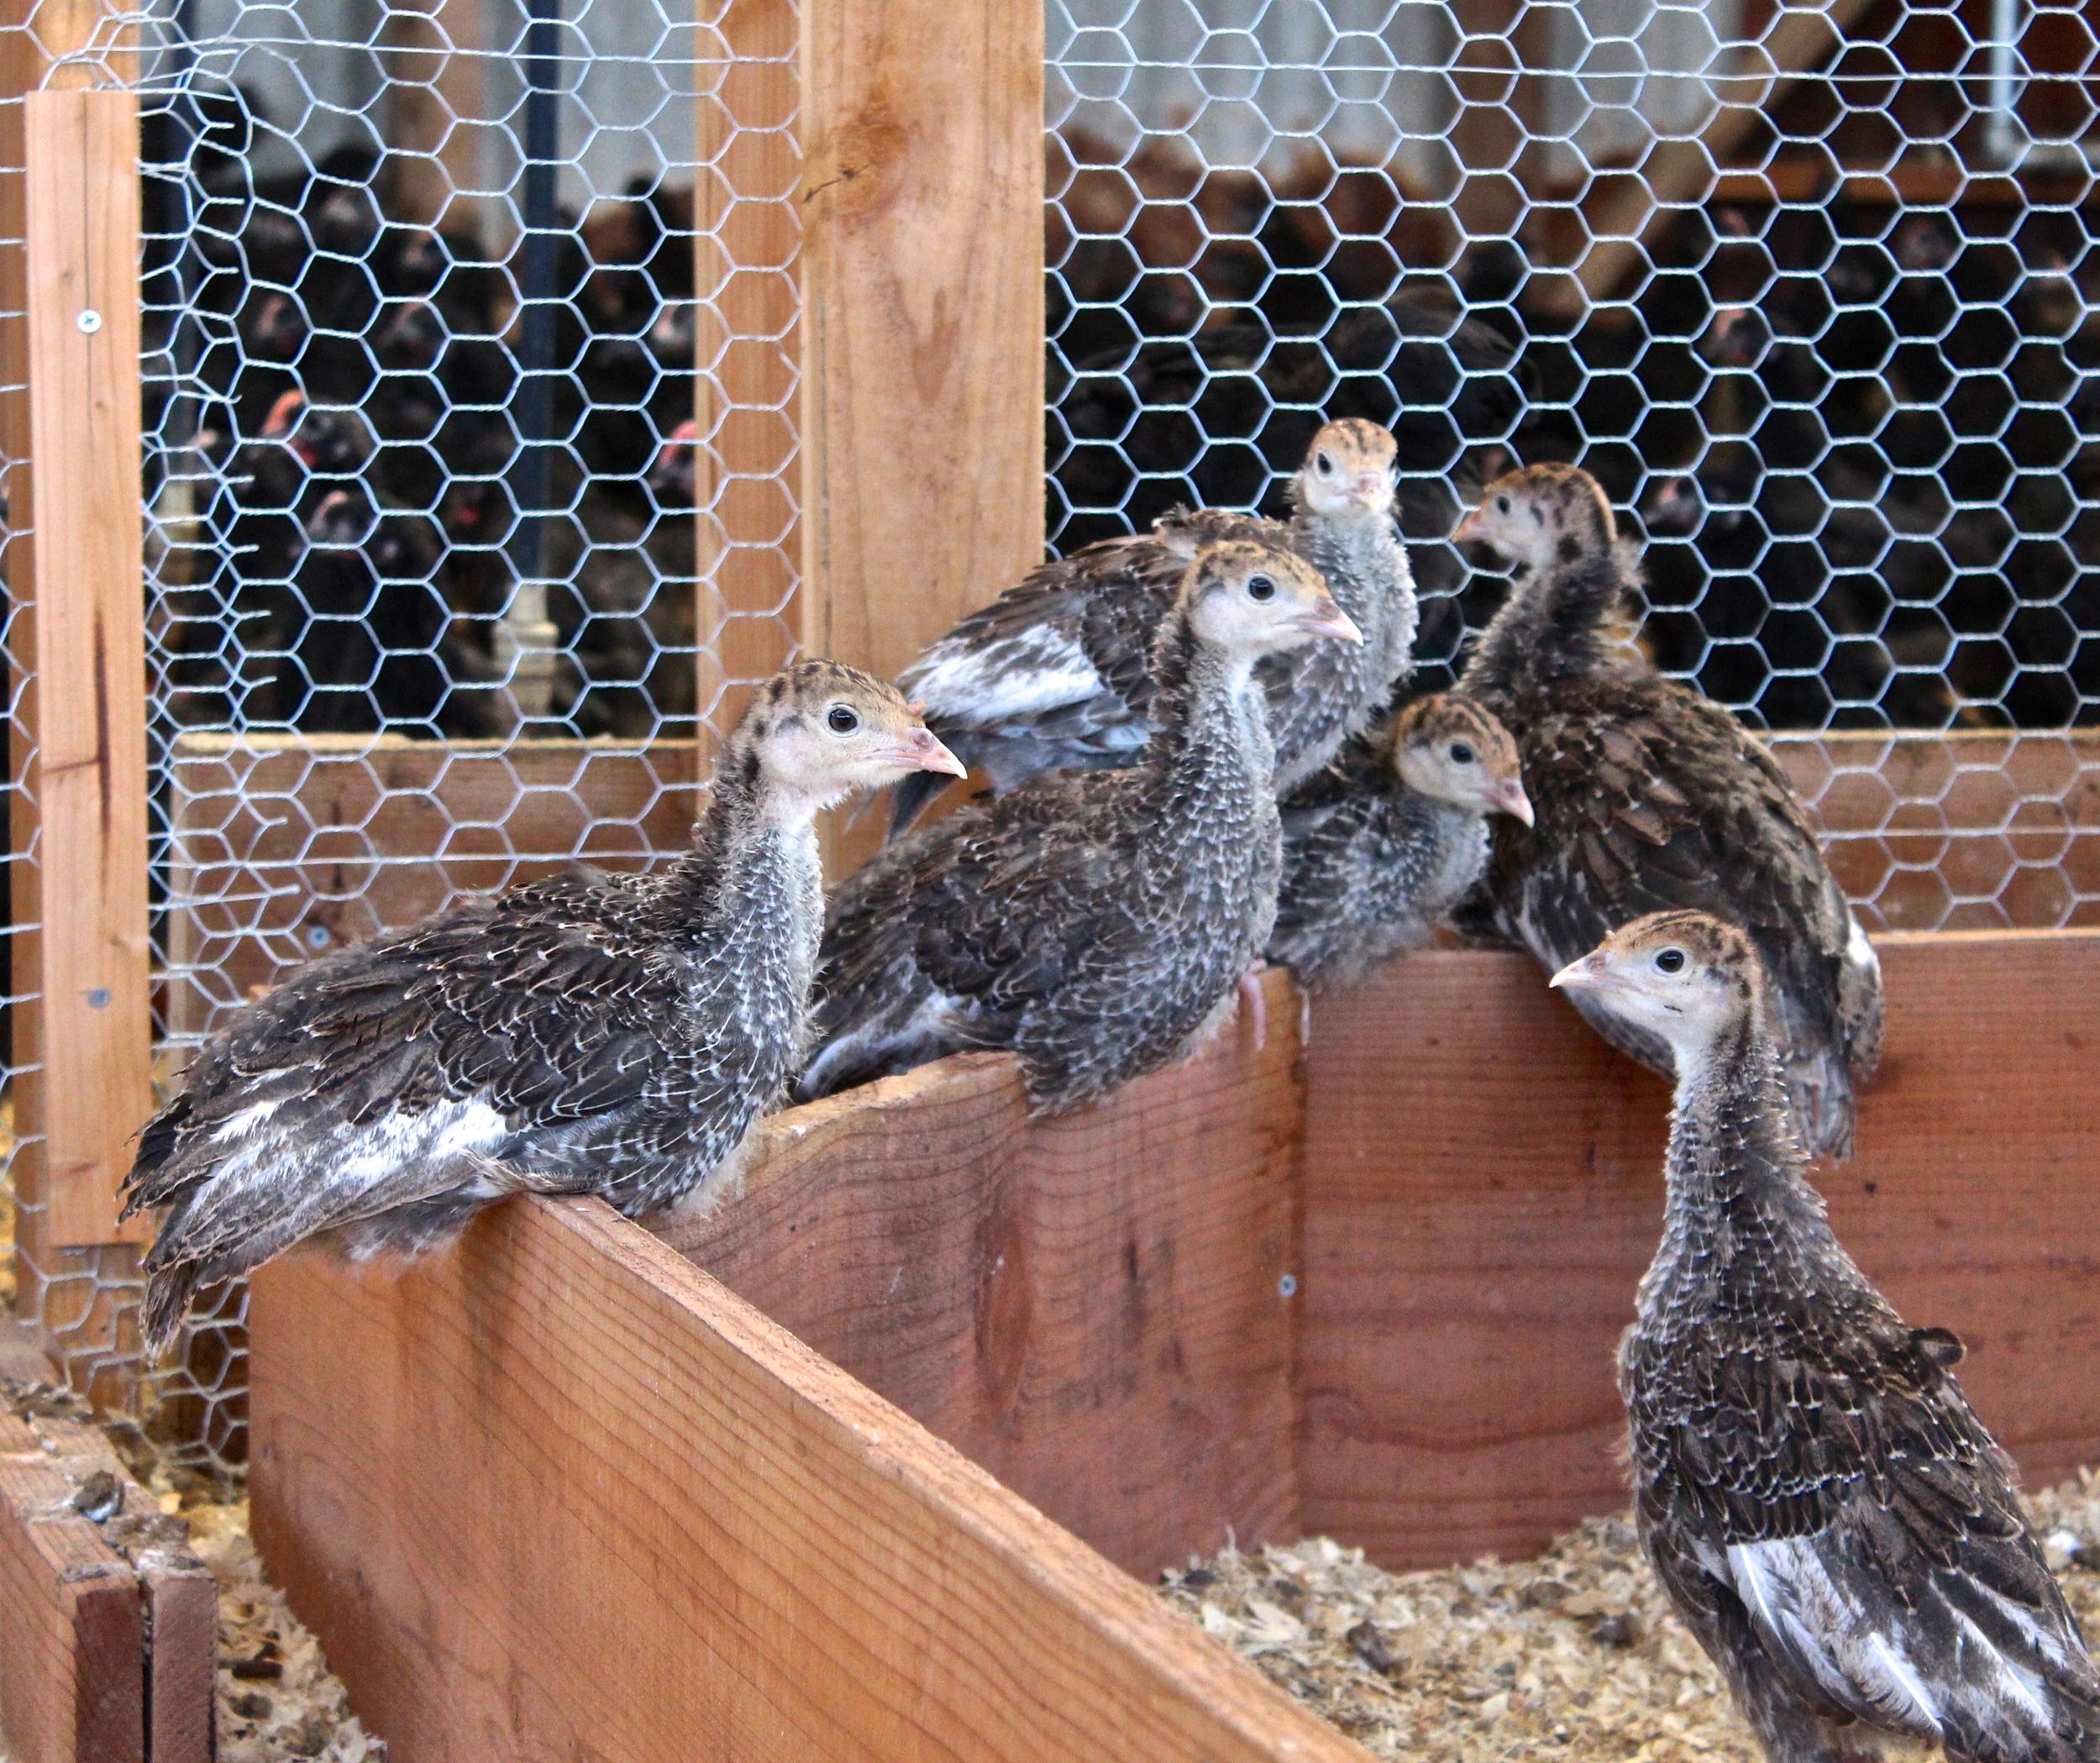 Turkeys resting